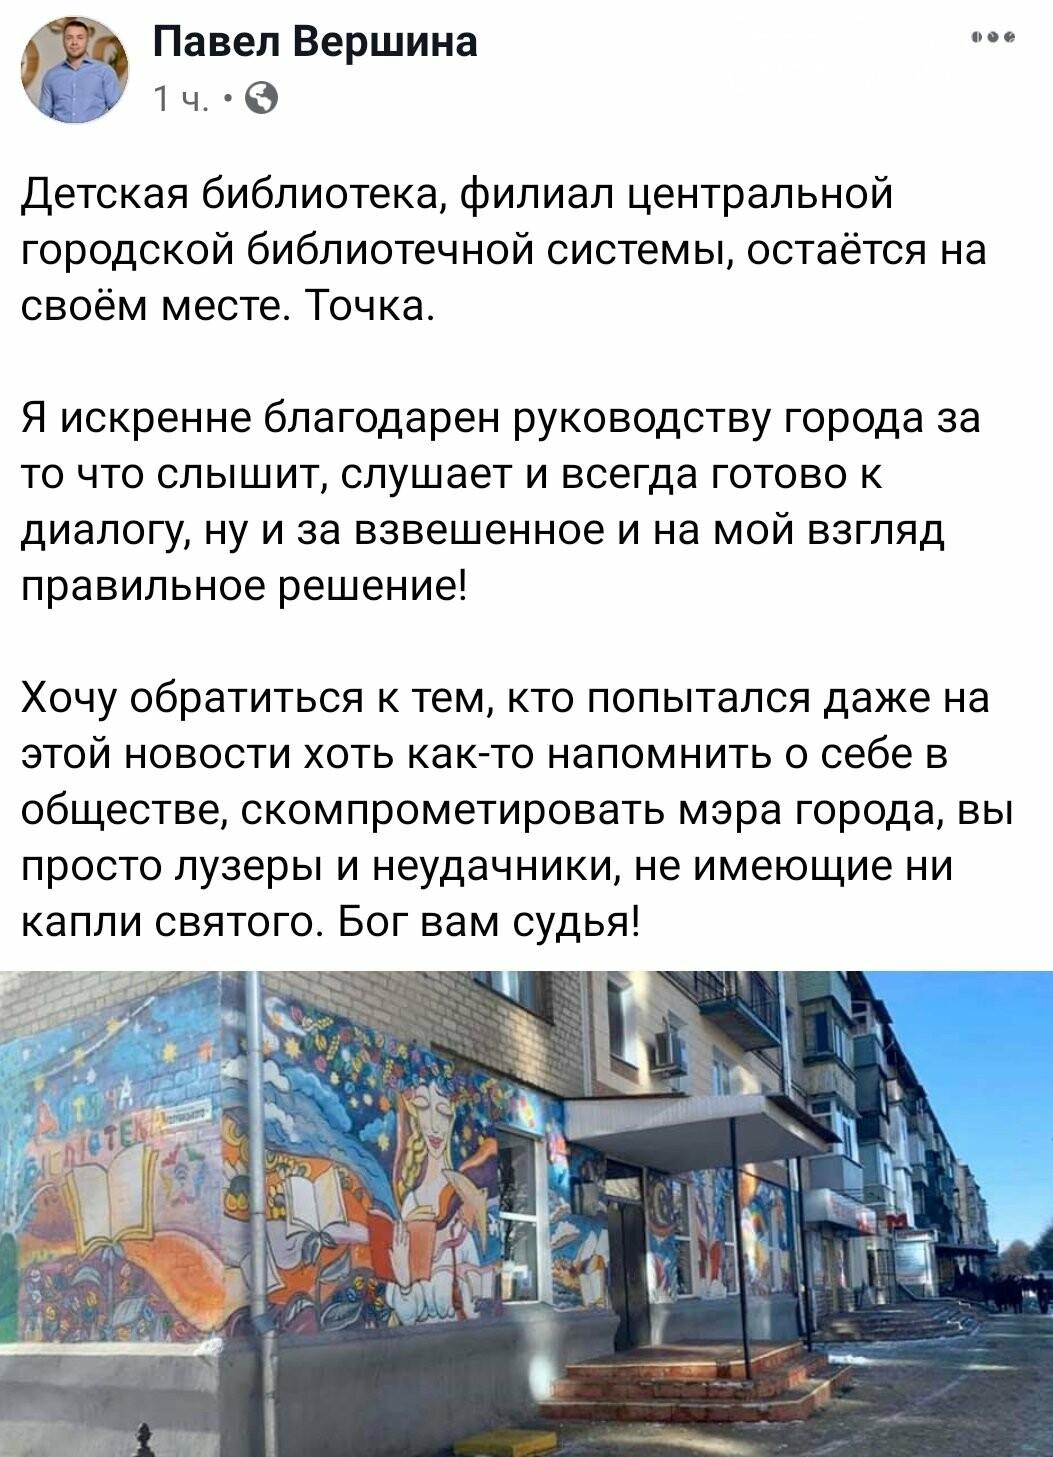 Детская библиотека Павлограда остаётся на прежнем месте, фото-1